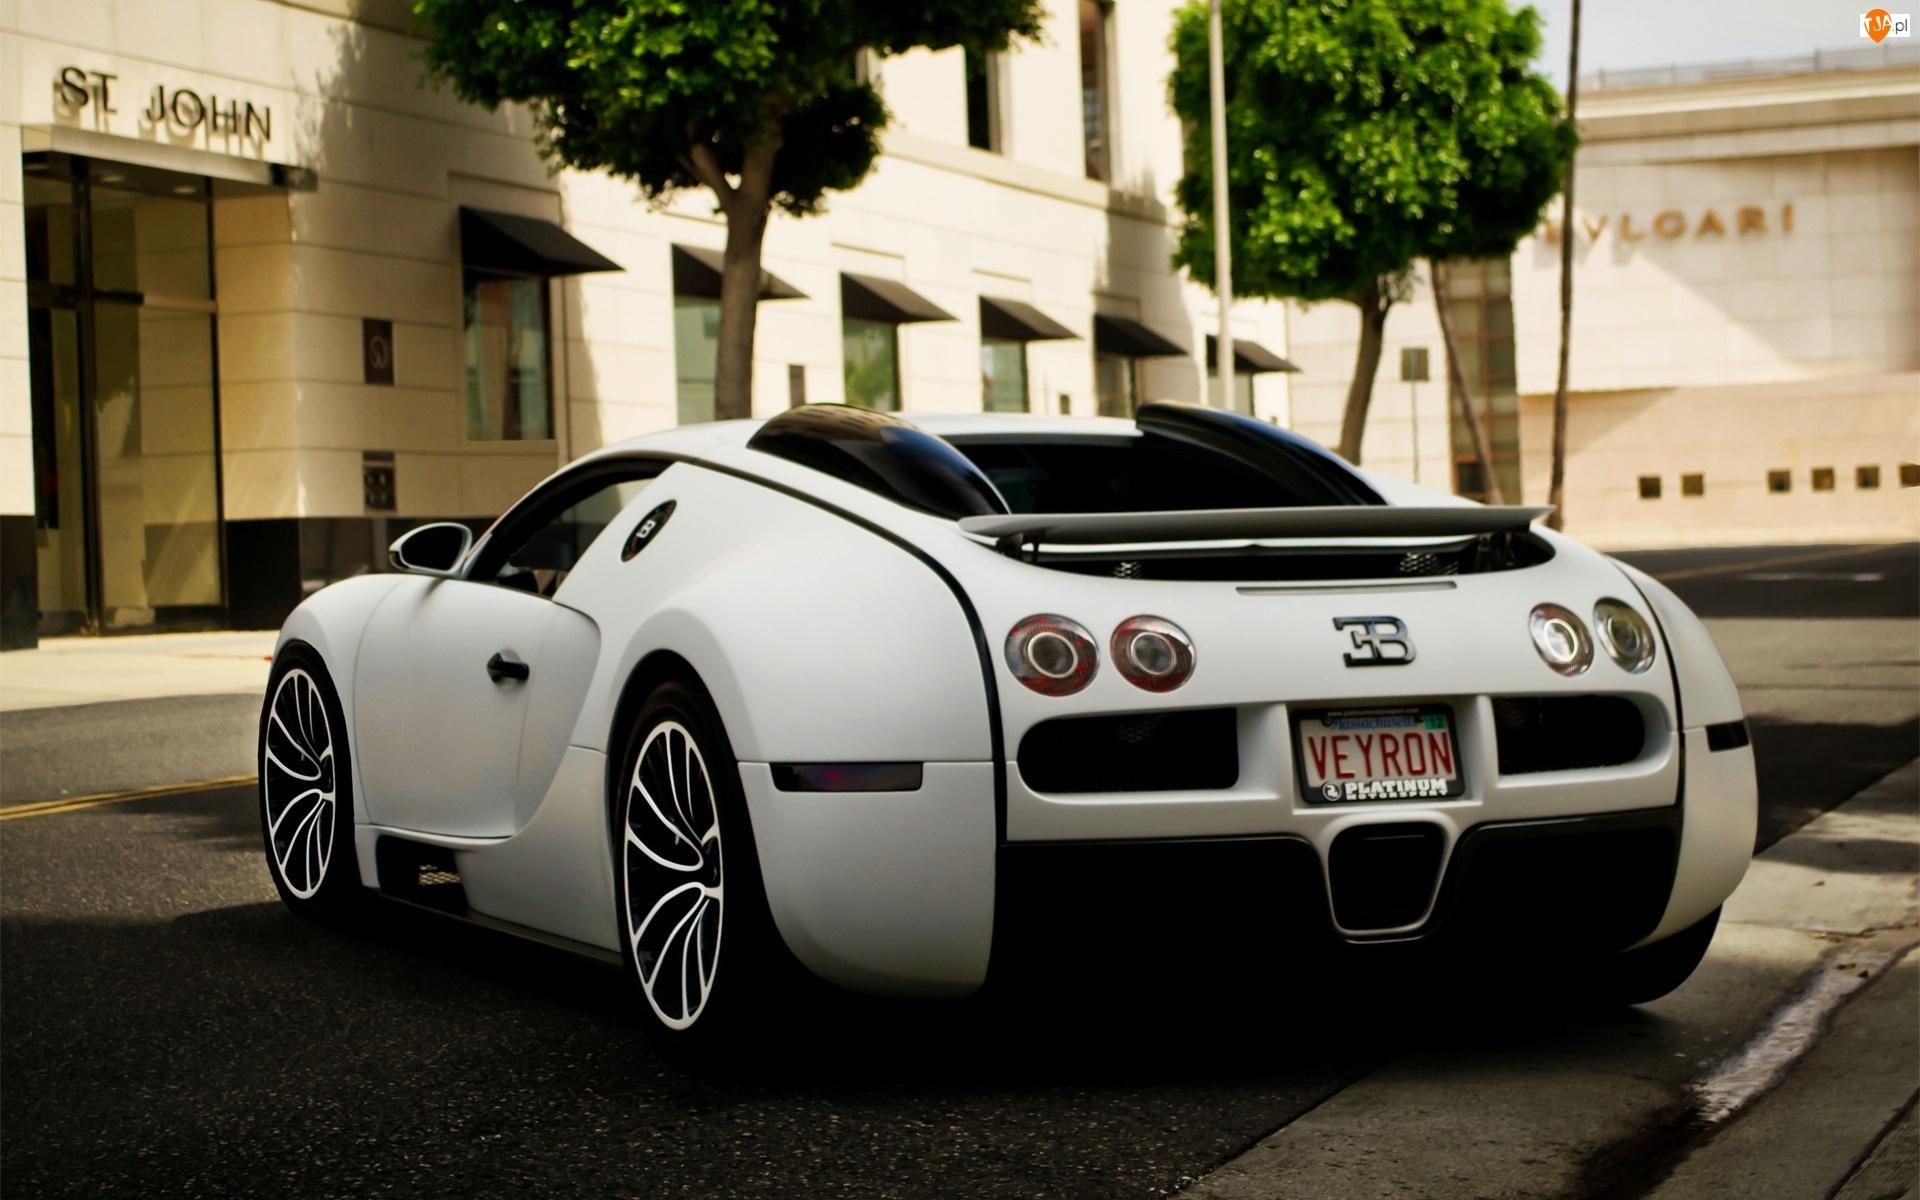 Parking, Bugatti, Ulica